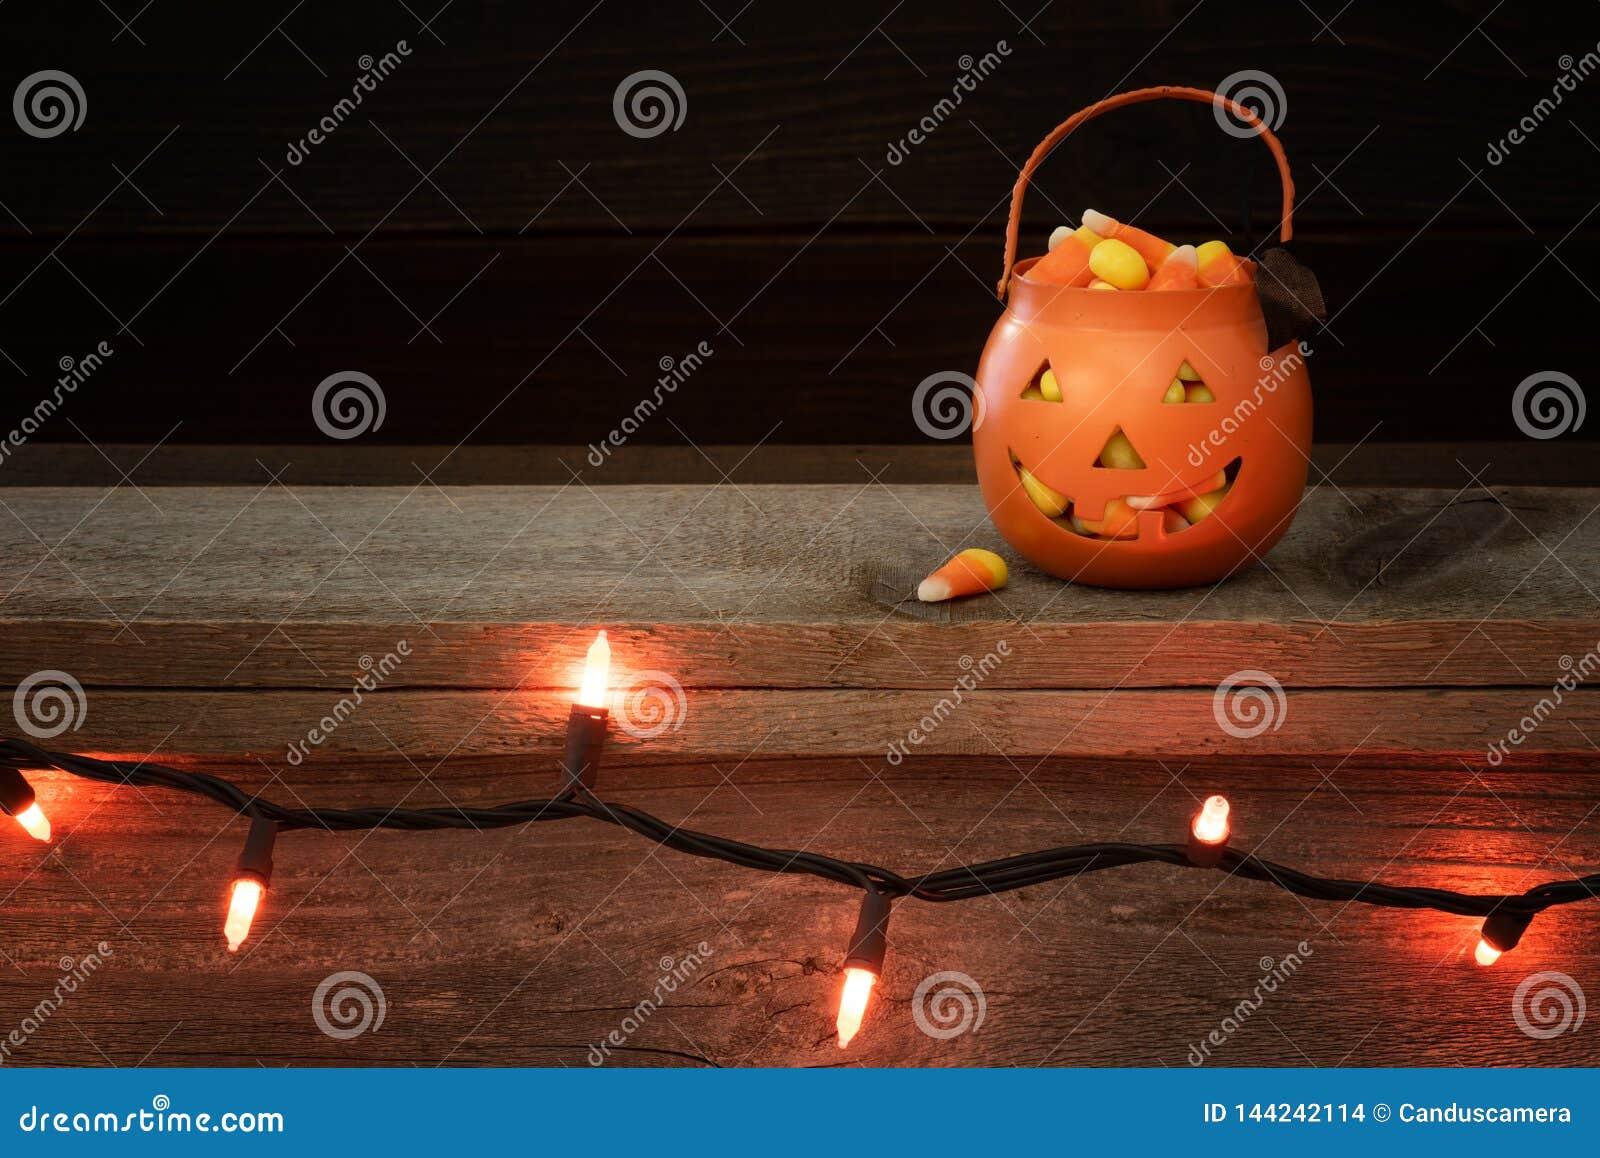 Allhelgonaaftonpumpa för litet trick som eller festfylls med godishavre på en lantlig trähylla med rad av orange ljus och mörk ba